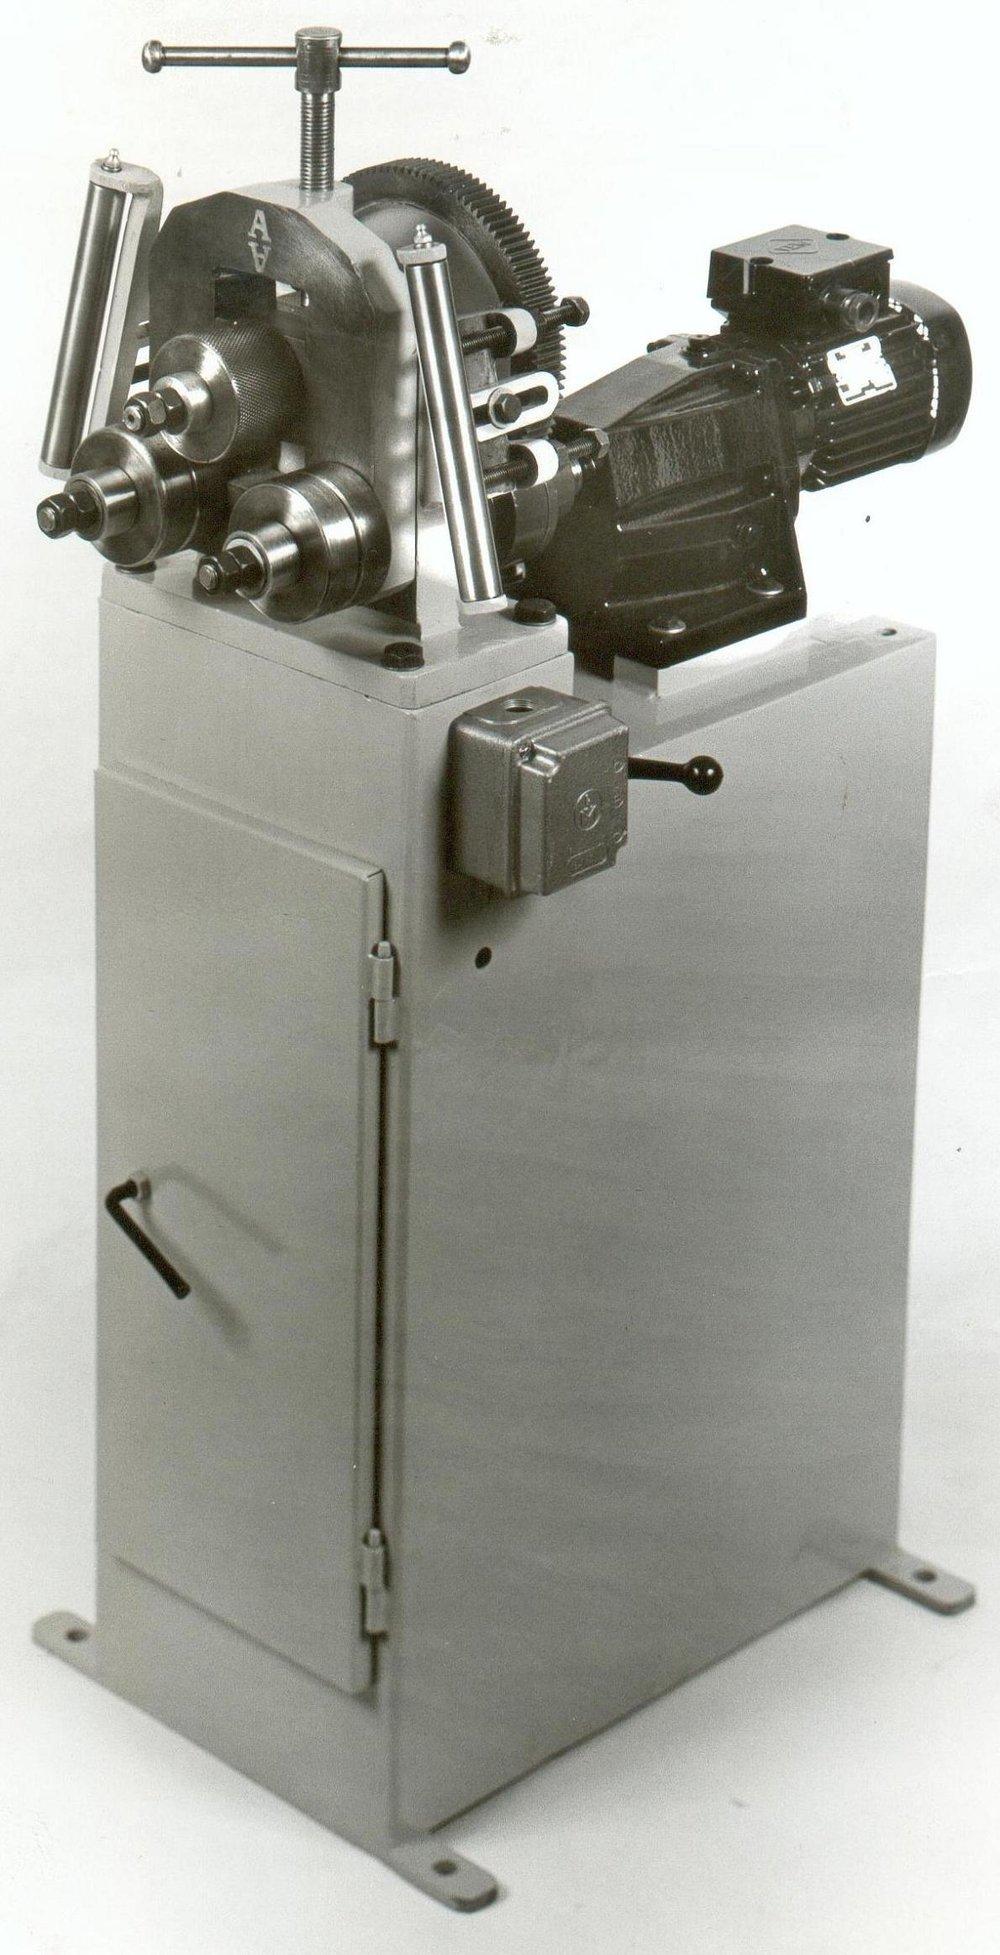 Ηλεκτροκίνητος διαμορφωτής κύκλων EG25 για σωλήνα μέχρι Φ25mm.